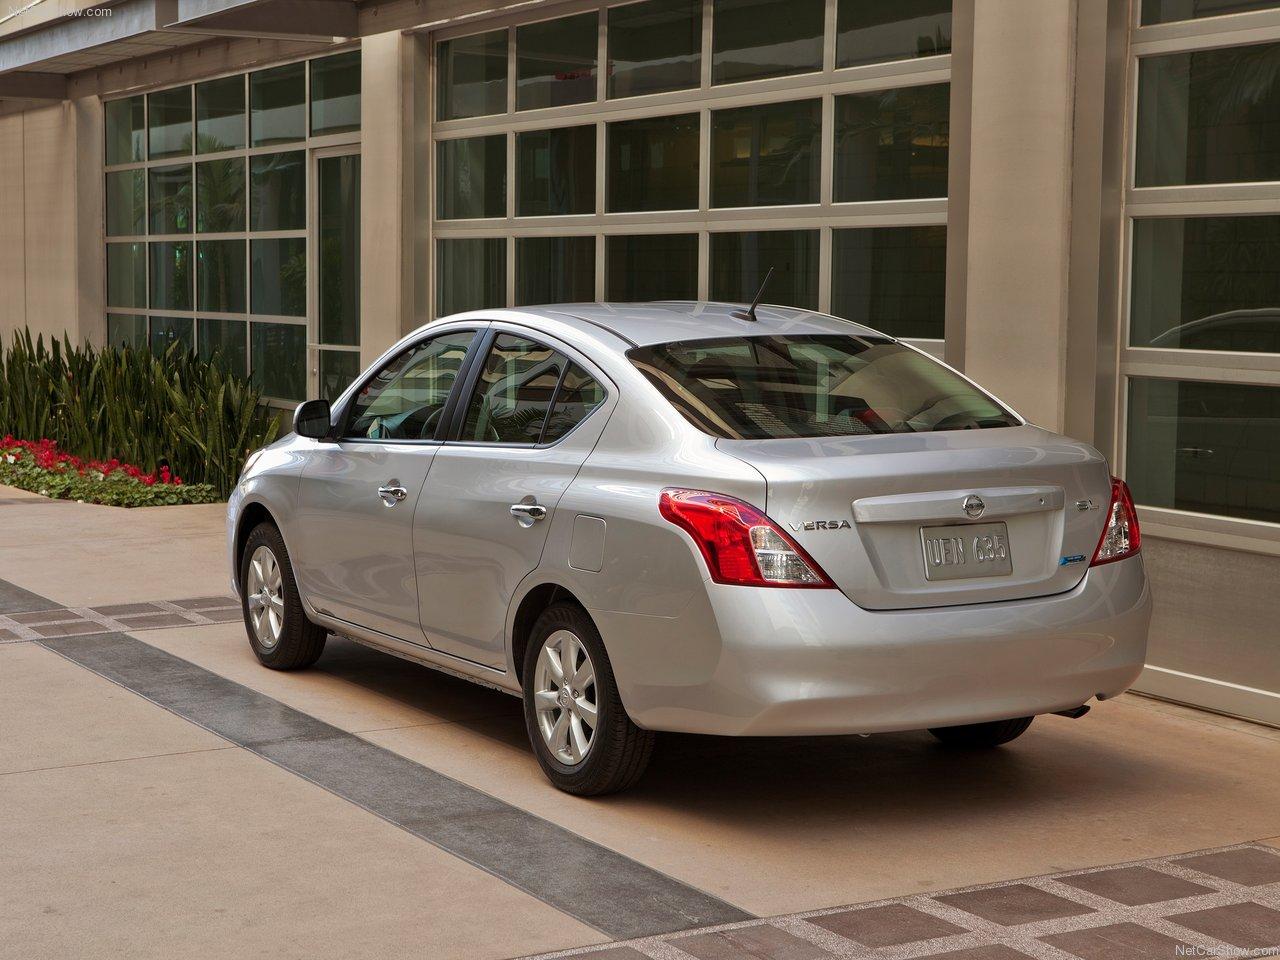 http://2.bp.blogspot.com/-0Vxm9trL3qE/Ta8uOTubwrI/AAAAAAACNJg/51y0LePaePg/s1600/Nissan-Versa_Sedan_2012_1280x960_wallpaper_06.jpg